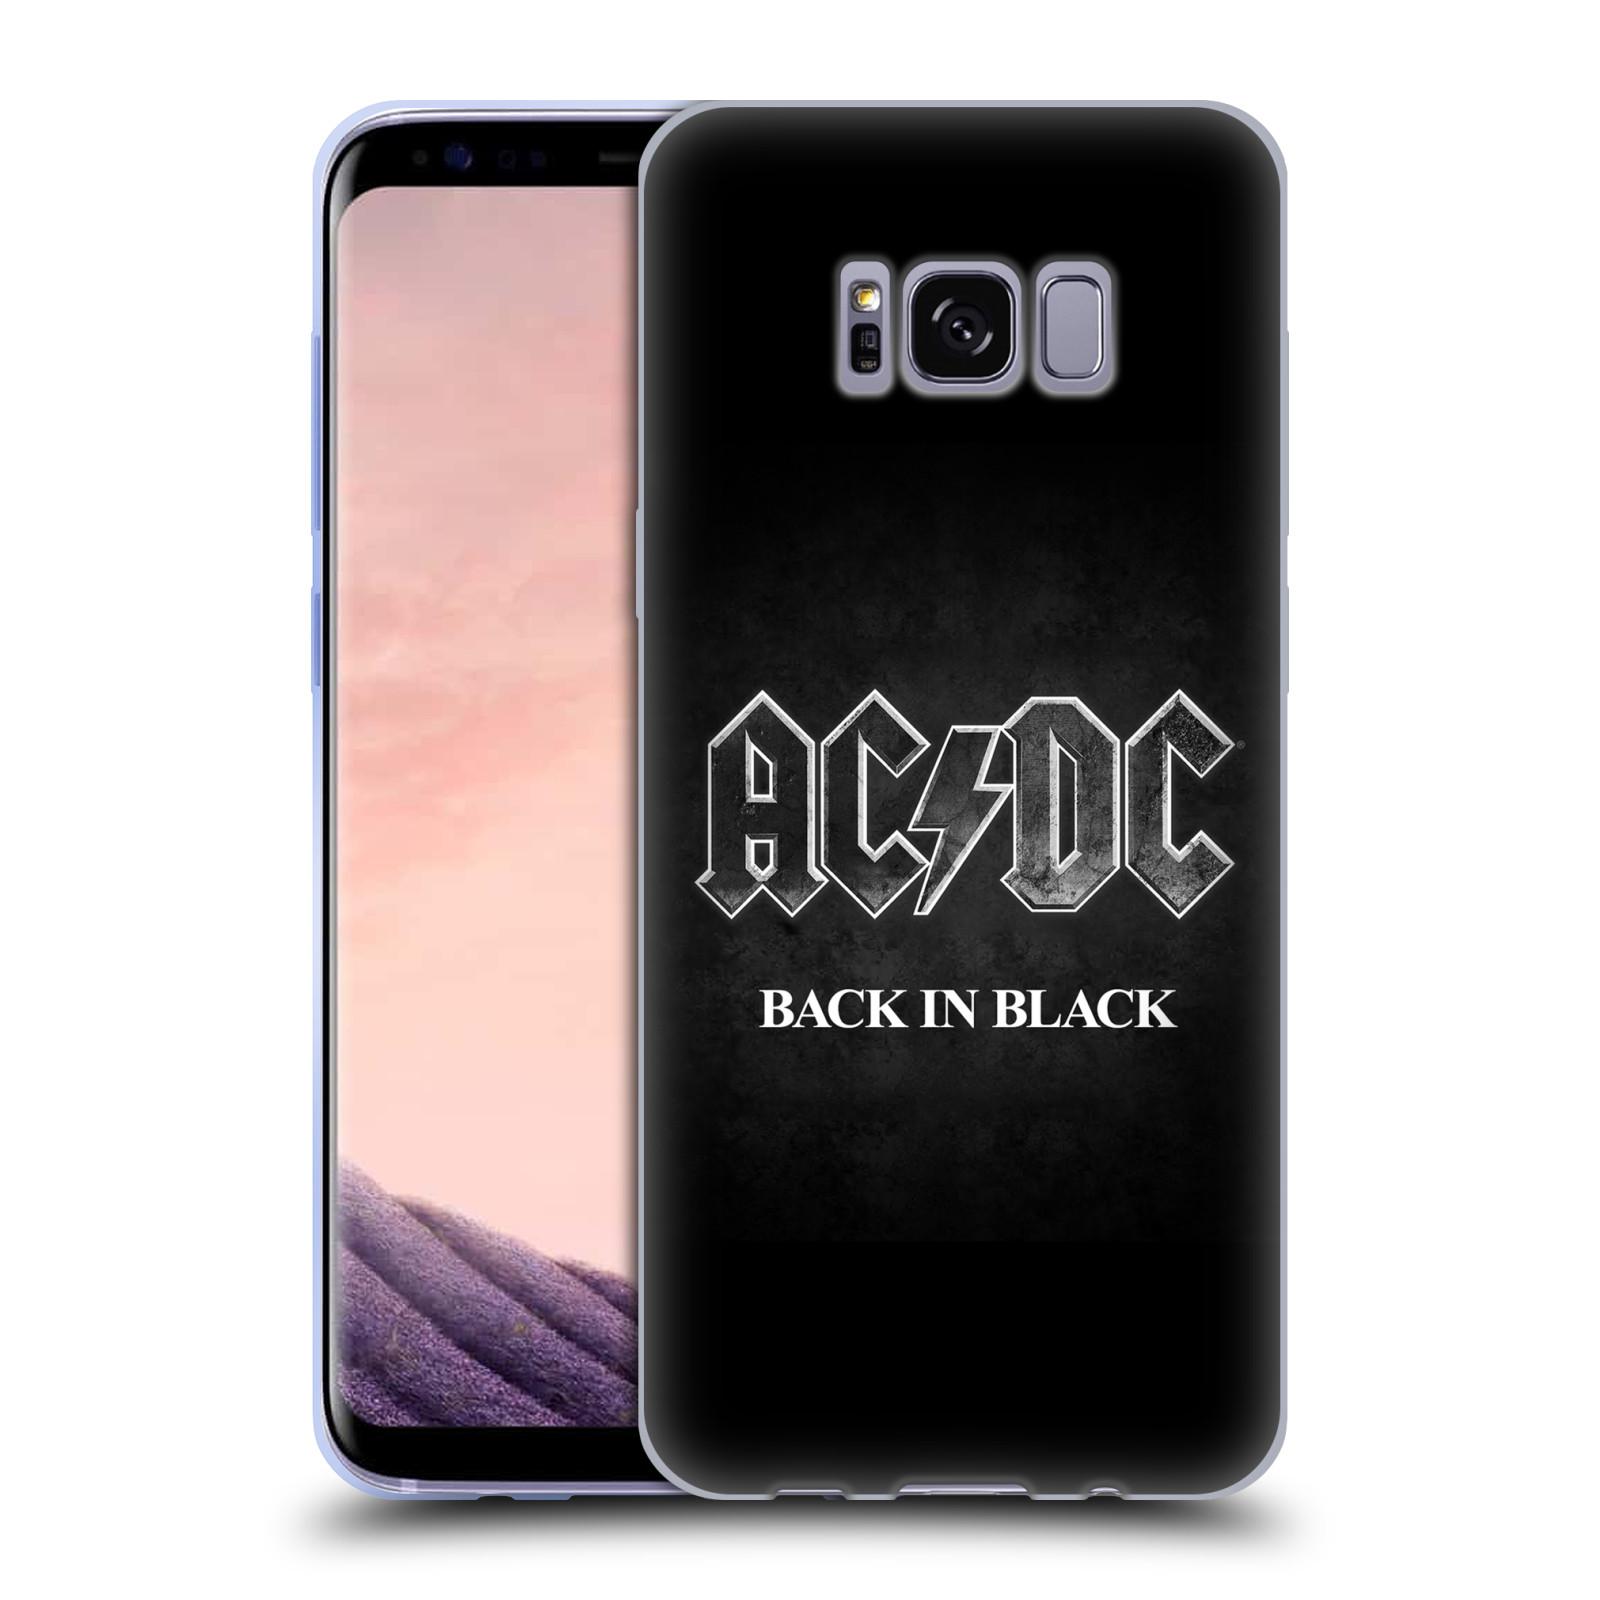 Silikonové pouzdro na mobil Samsung Galaxy S8 Head Case AC/DC BACK IN BLACK (Silikonový kryt či obal na mobilní telefon s oficiálním motivem australské skupiny AC/DC pro Samsung Galaxy S8 SM-G9500)